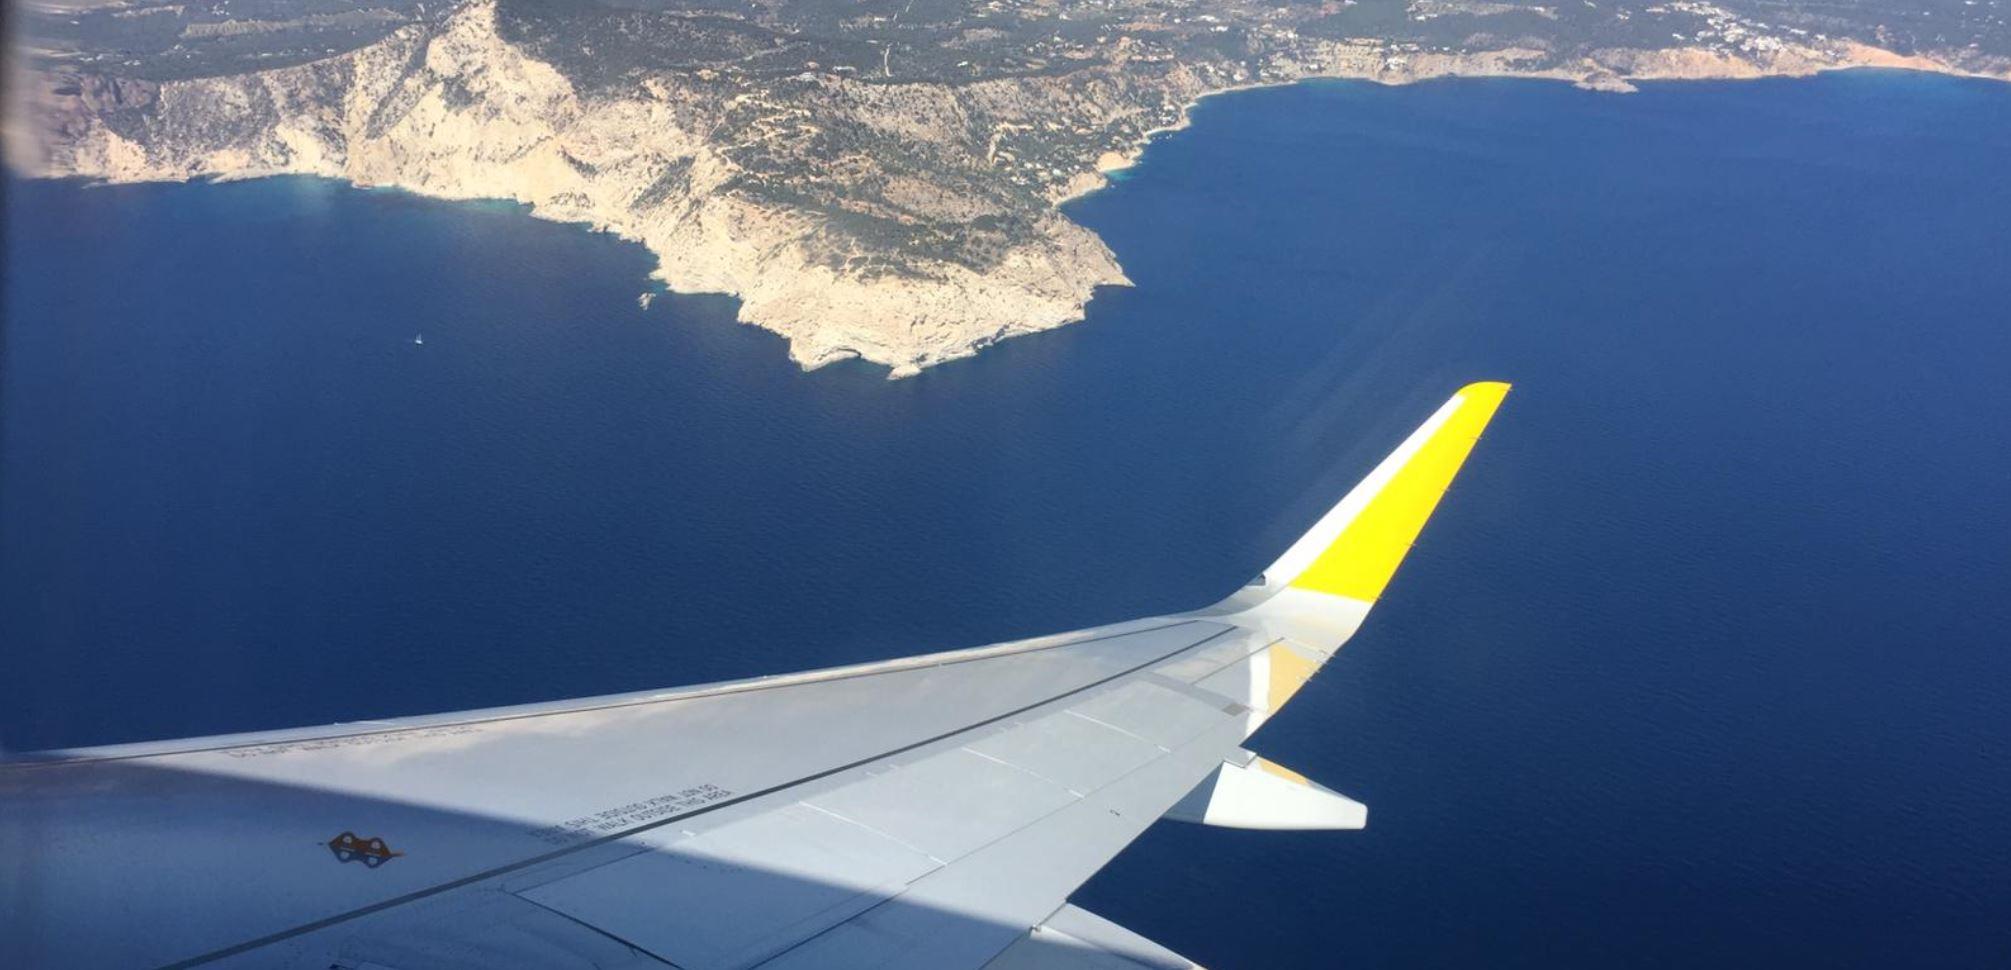 Anflug auf Flughafen Teneriffa Süd - Für unsere Katamaran Segel Urlaub Woche